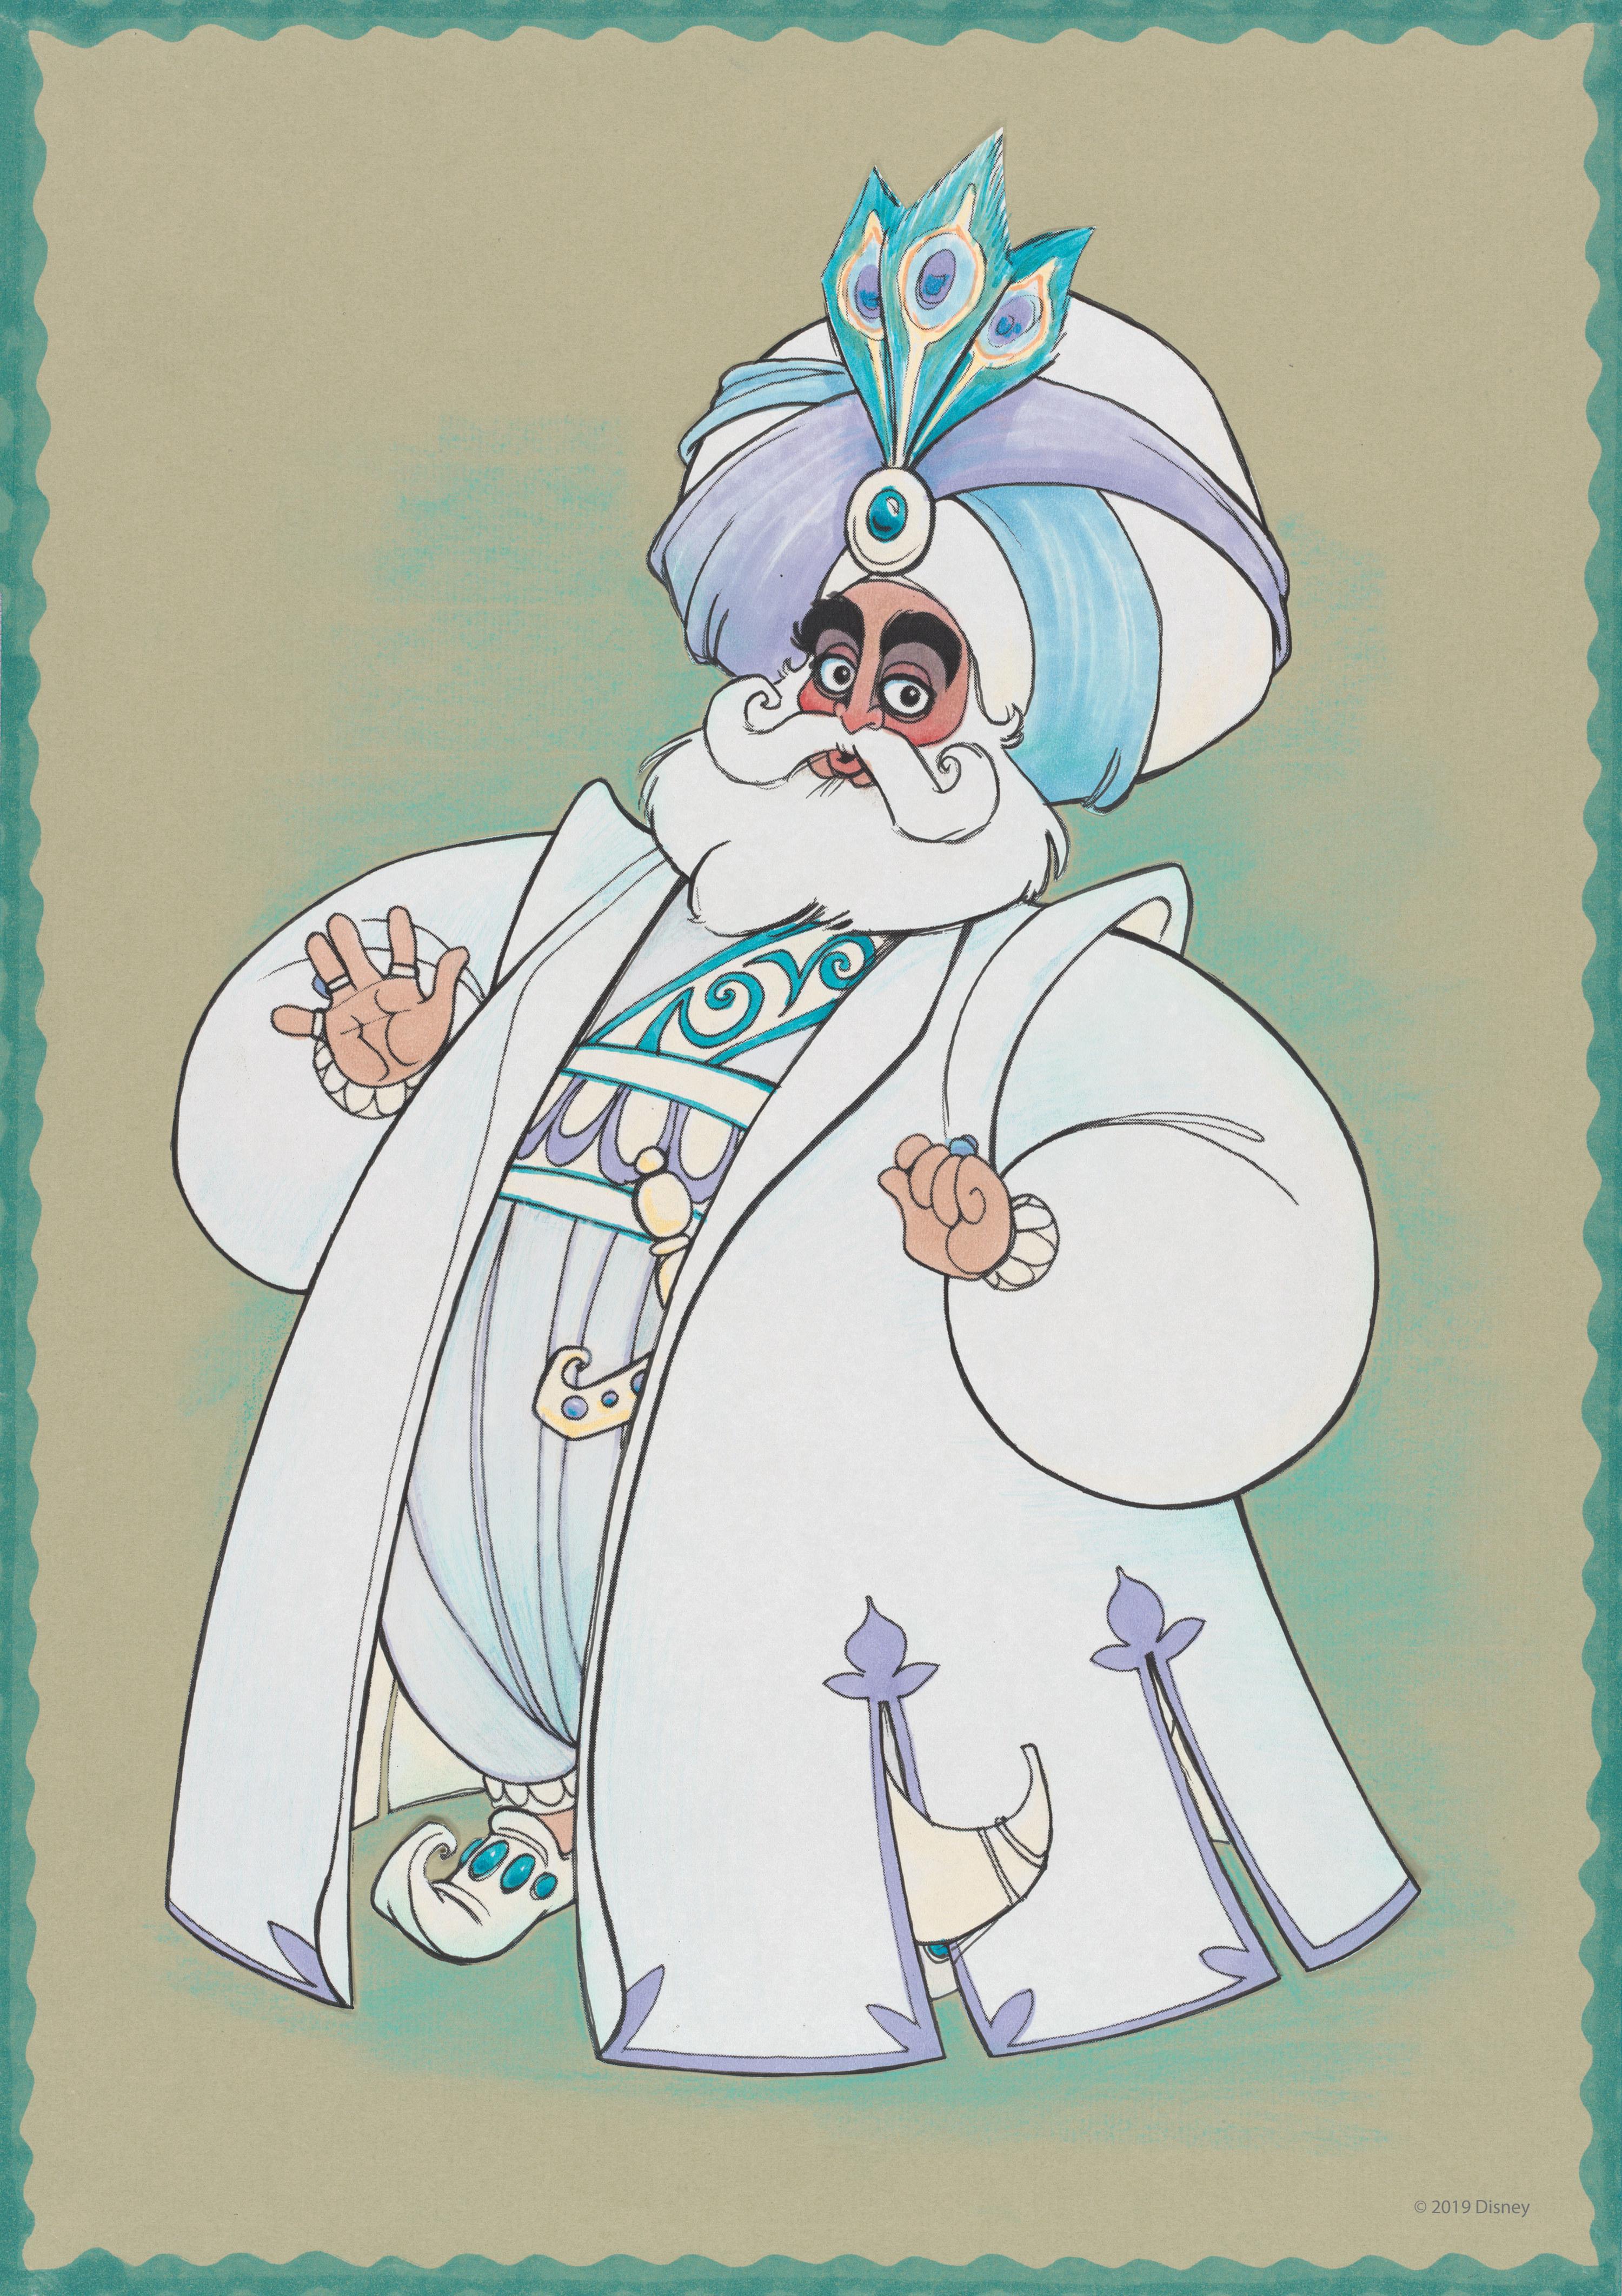 планировали султан картинка детям нас легко